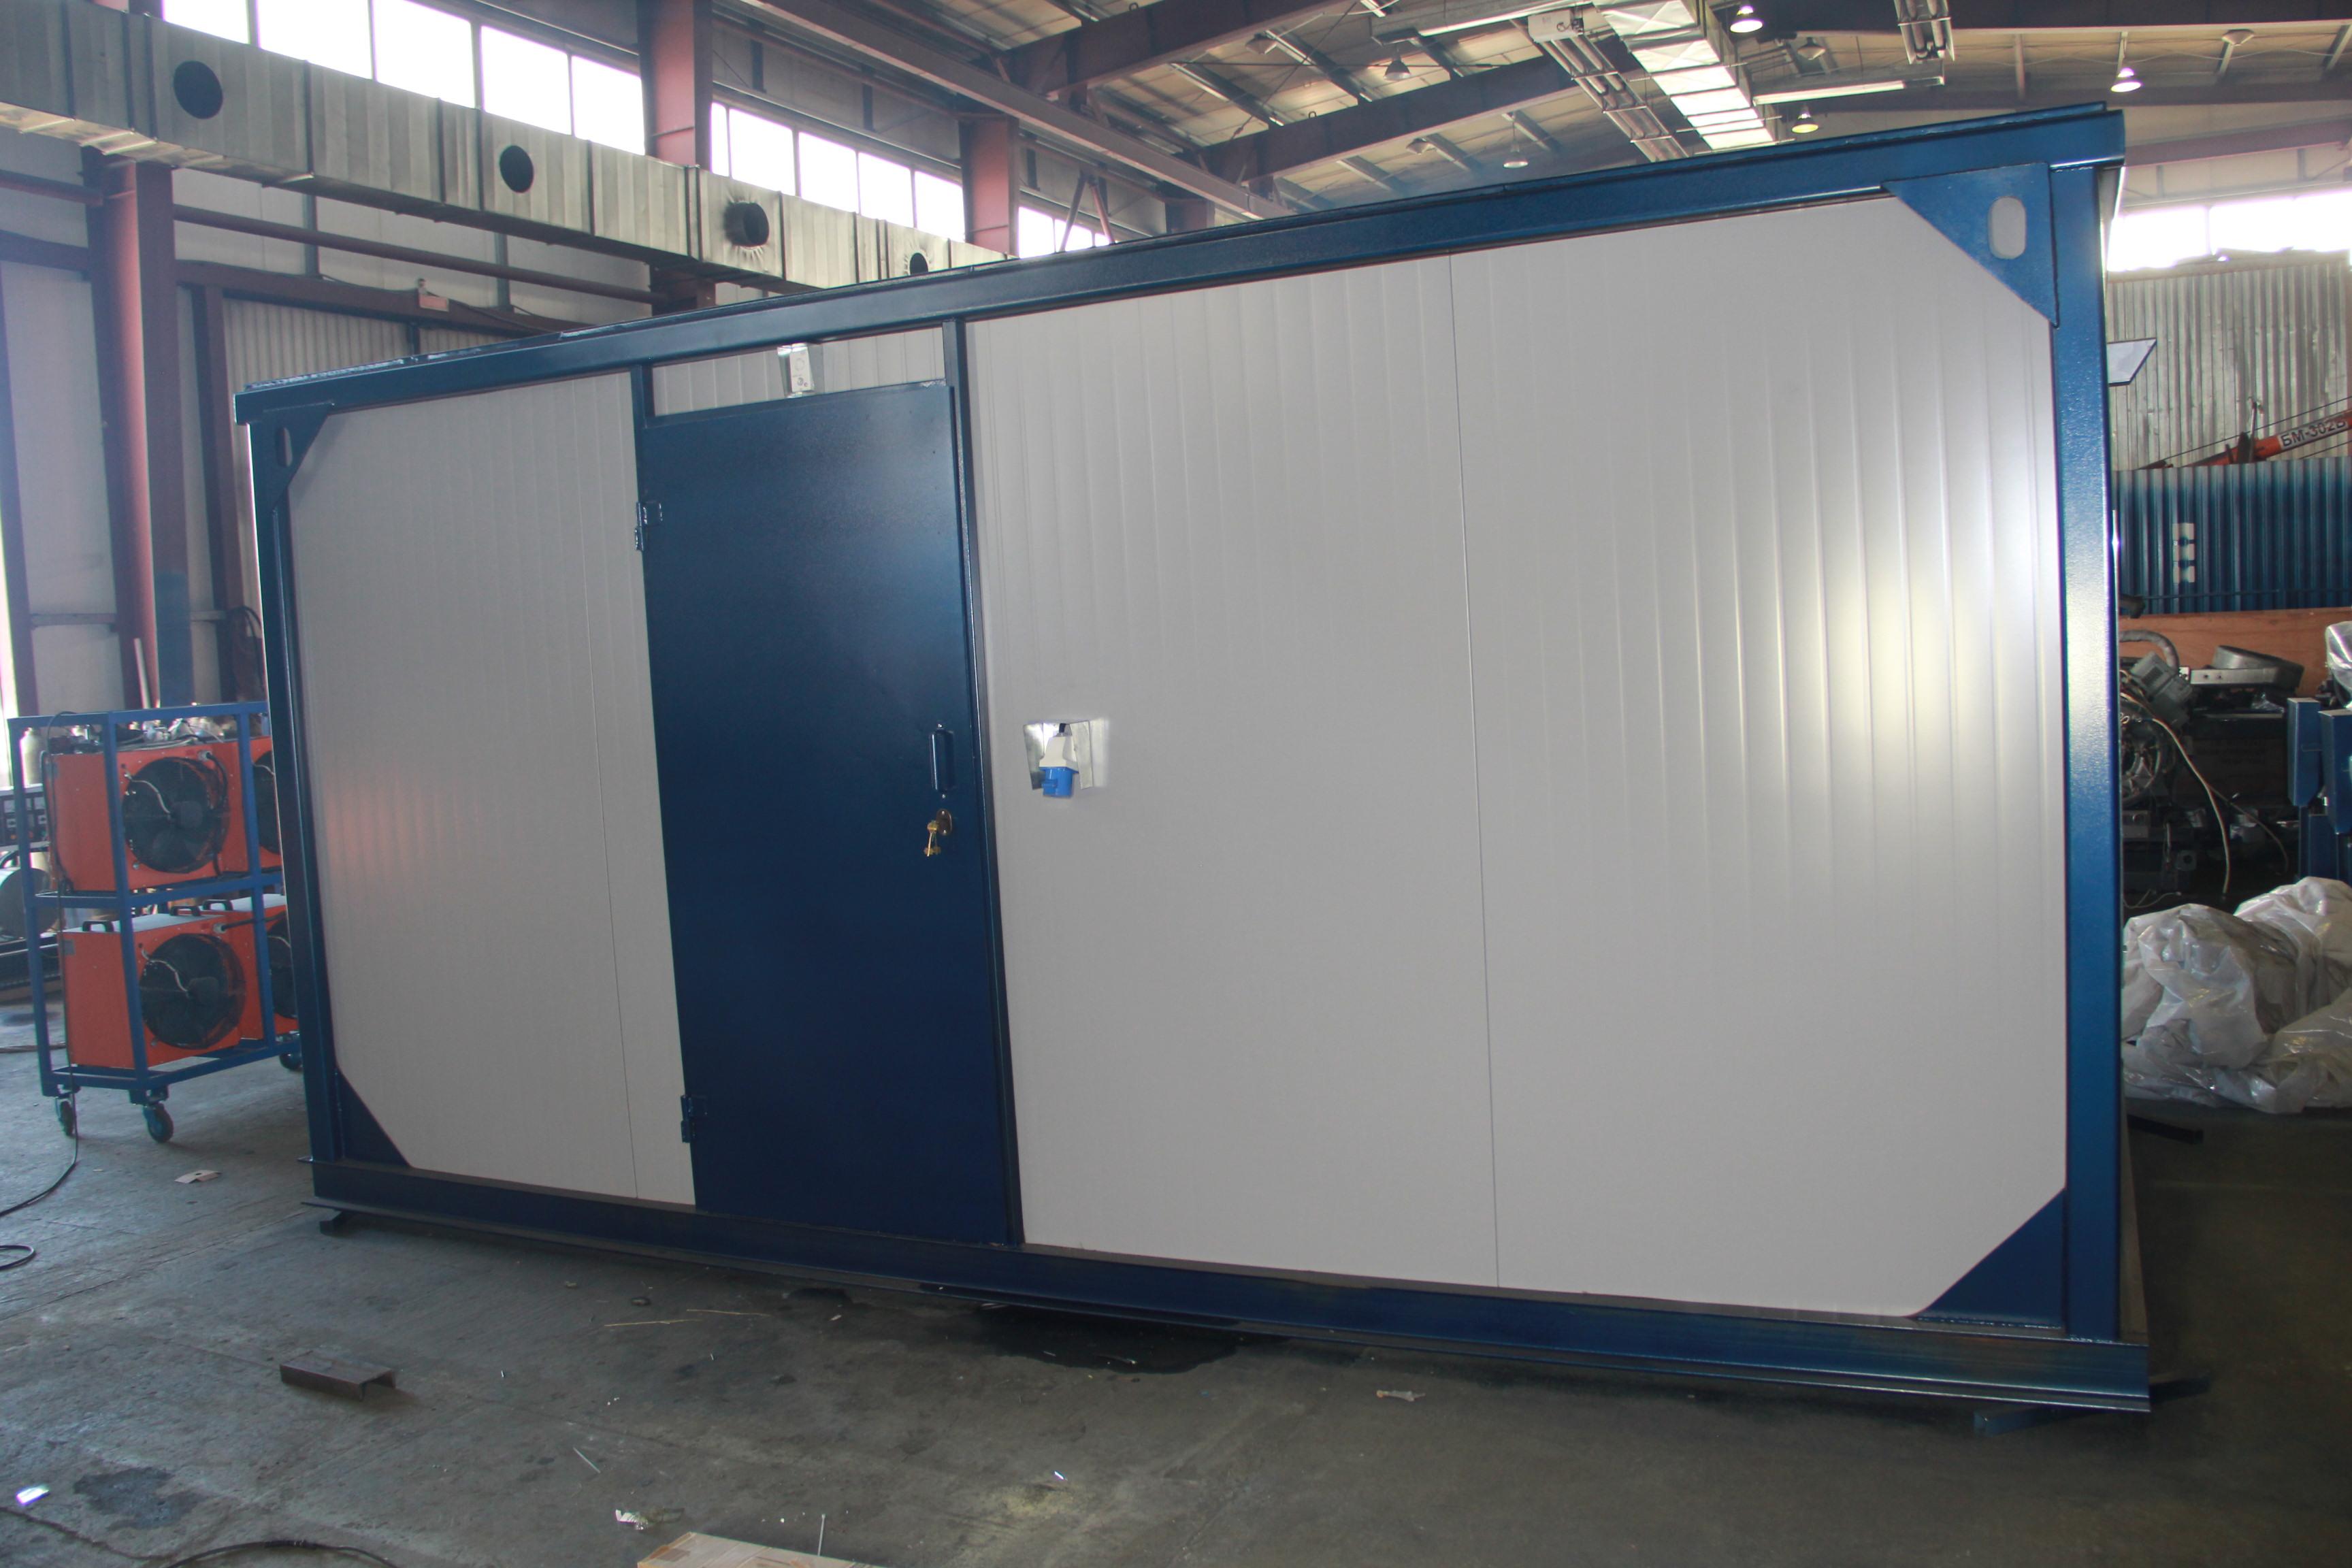 Внешний вид IVECO АД-136С-Т400-2РНИ с АВР в контейнере